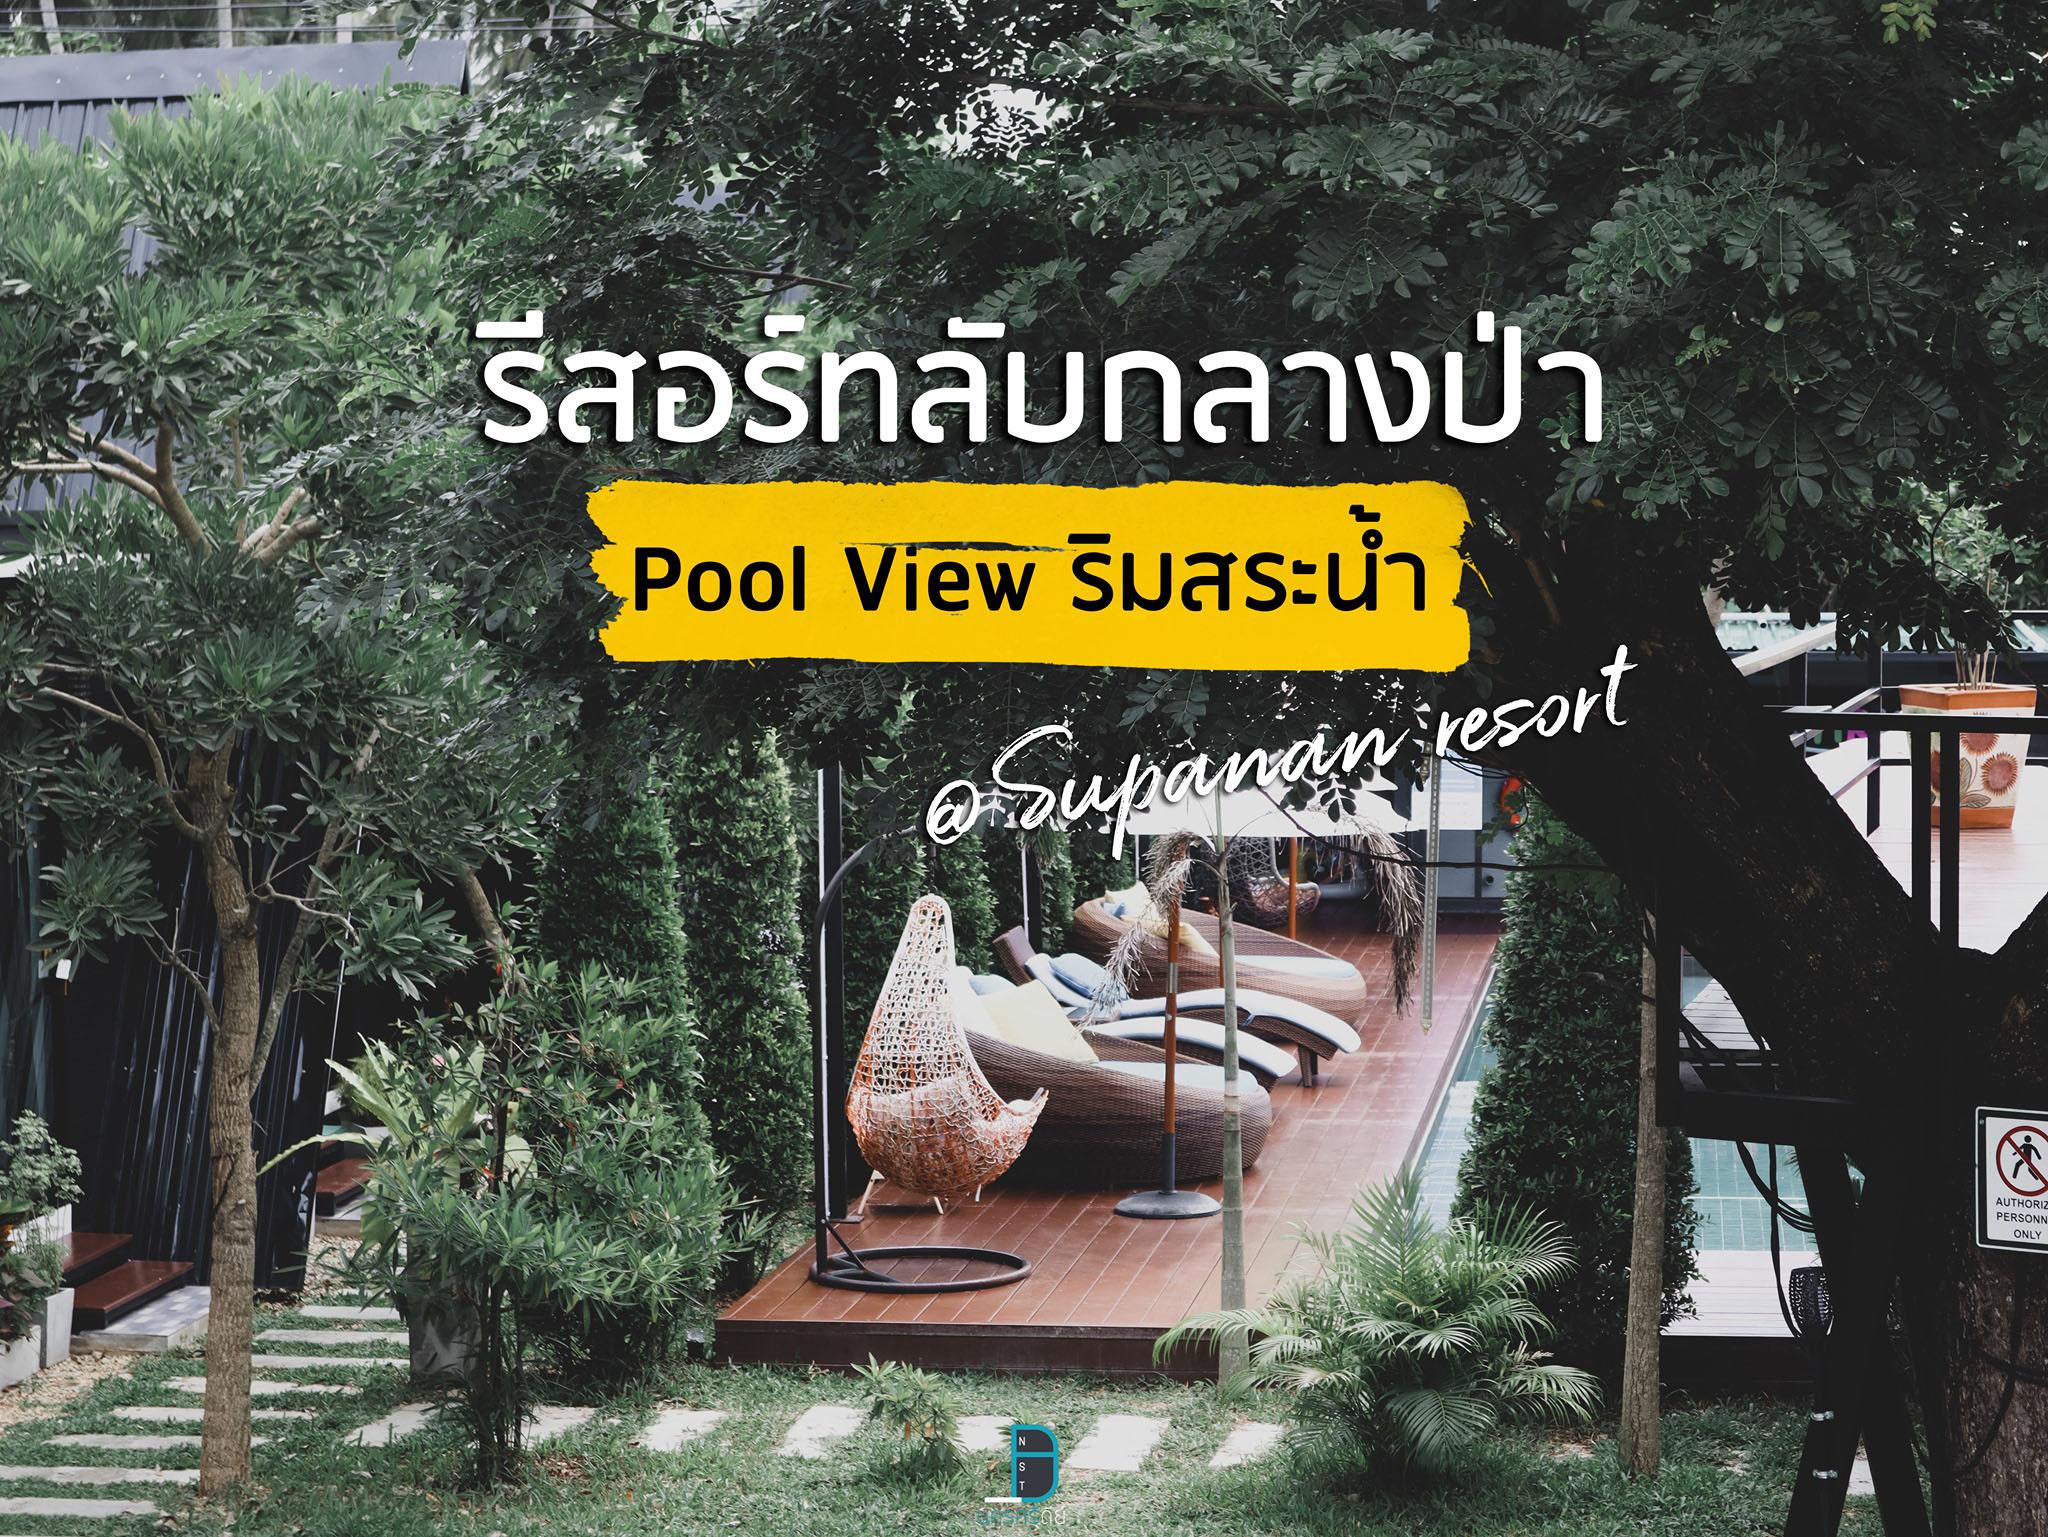 ที่พักวิวหลักล้าน พัทลุง Supanan resort สุภานันท์รีสอร์ท พร้อมสระสวยๆ บอกเลย 10/10